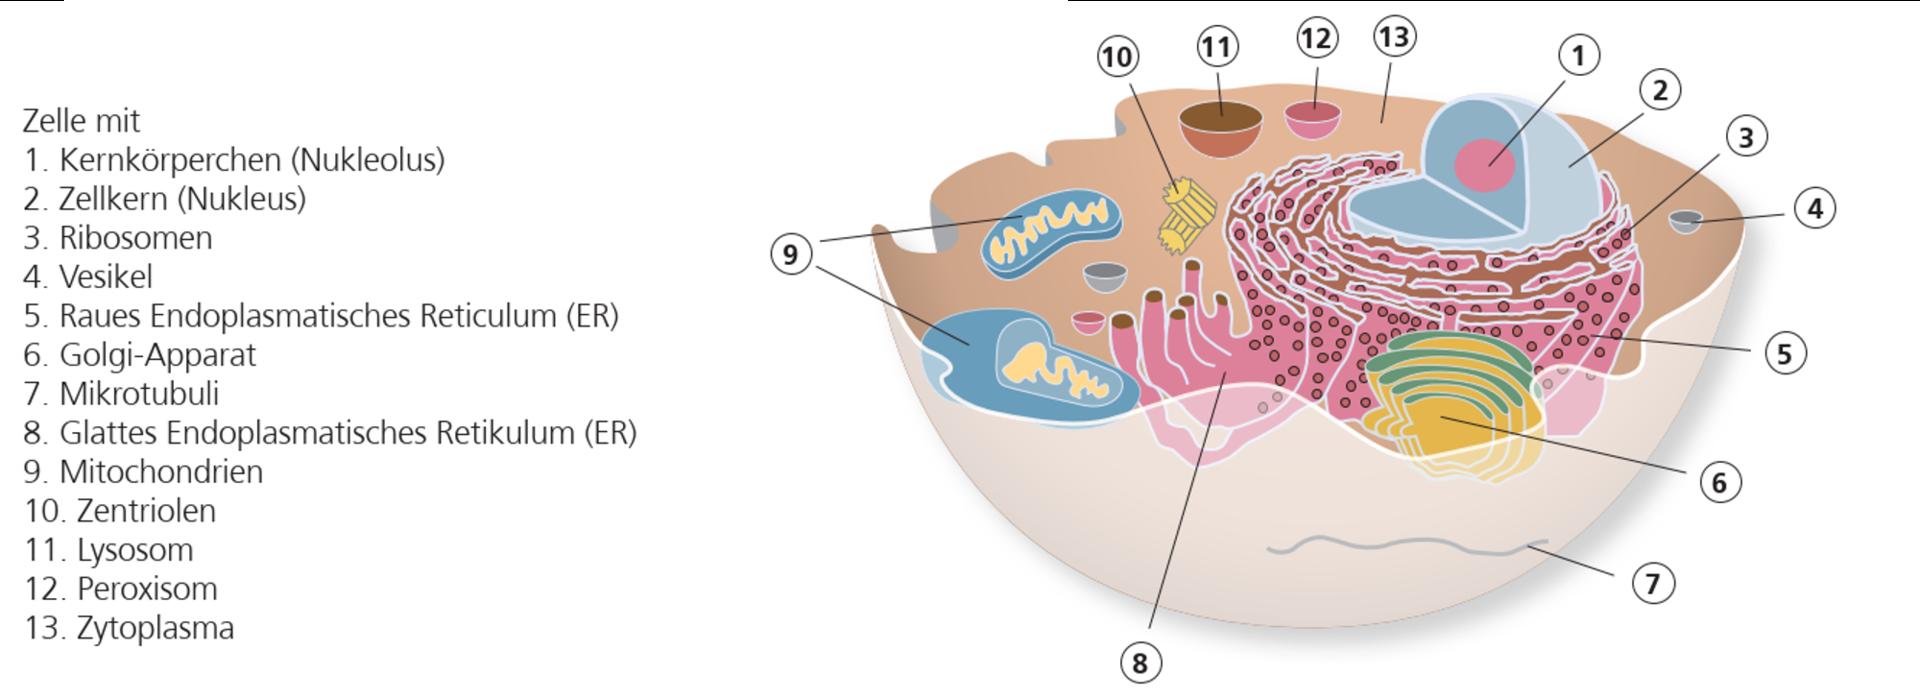 Kapitel 20 Anatomie und Physiologie der Haut   Ligamed medical ...